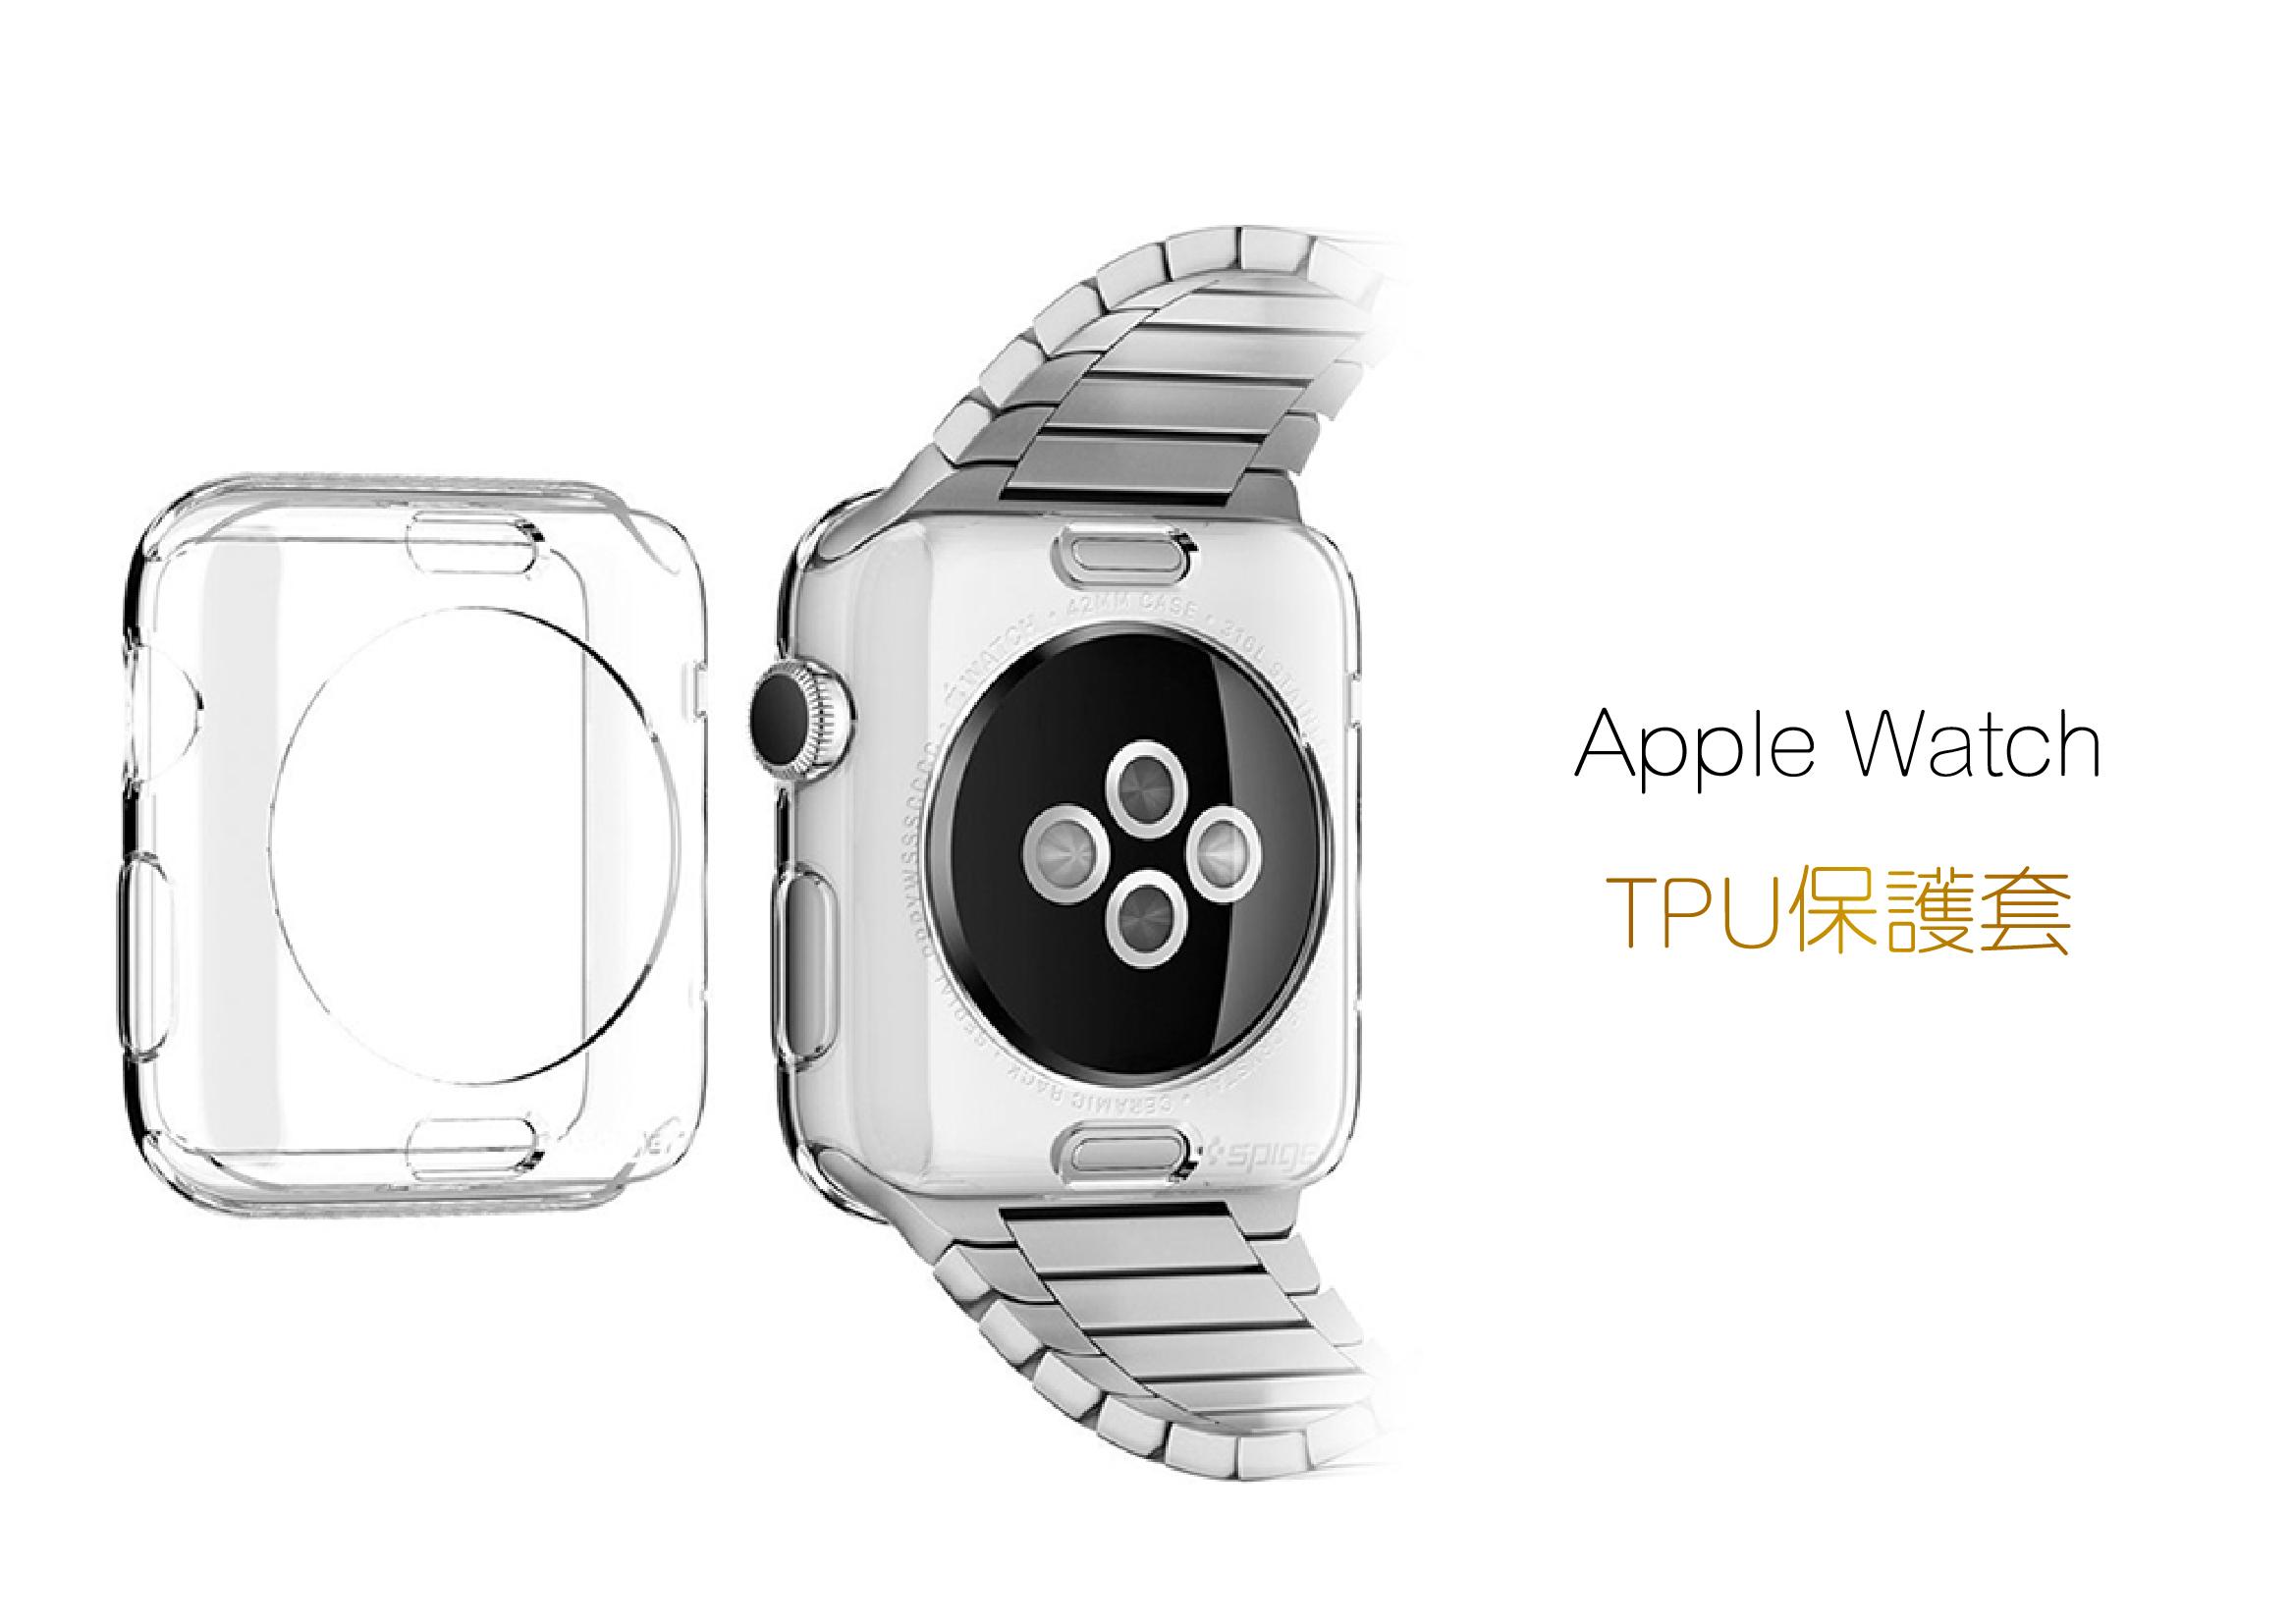 蘋果 Apple WATCH 蘋果智能手錶 TPU透明保護殼 軟殼 保護軟殼 38mm 42mm